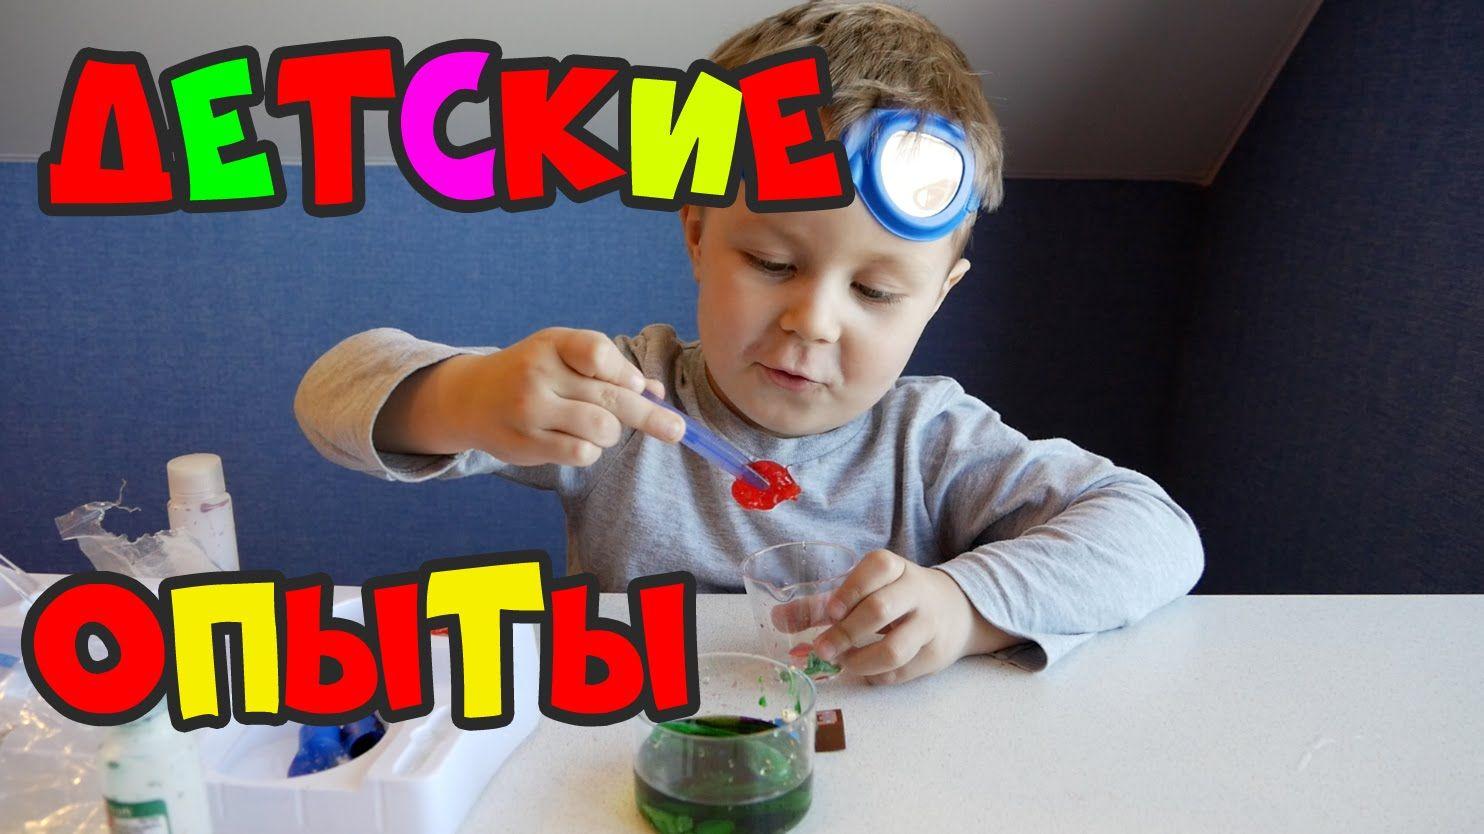 Набор с детскими опытами, полимерные червяки, сумасшедшие учениые